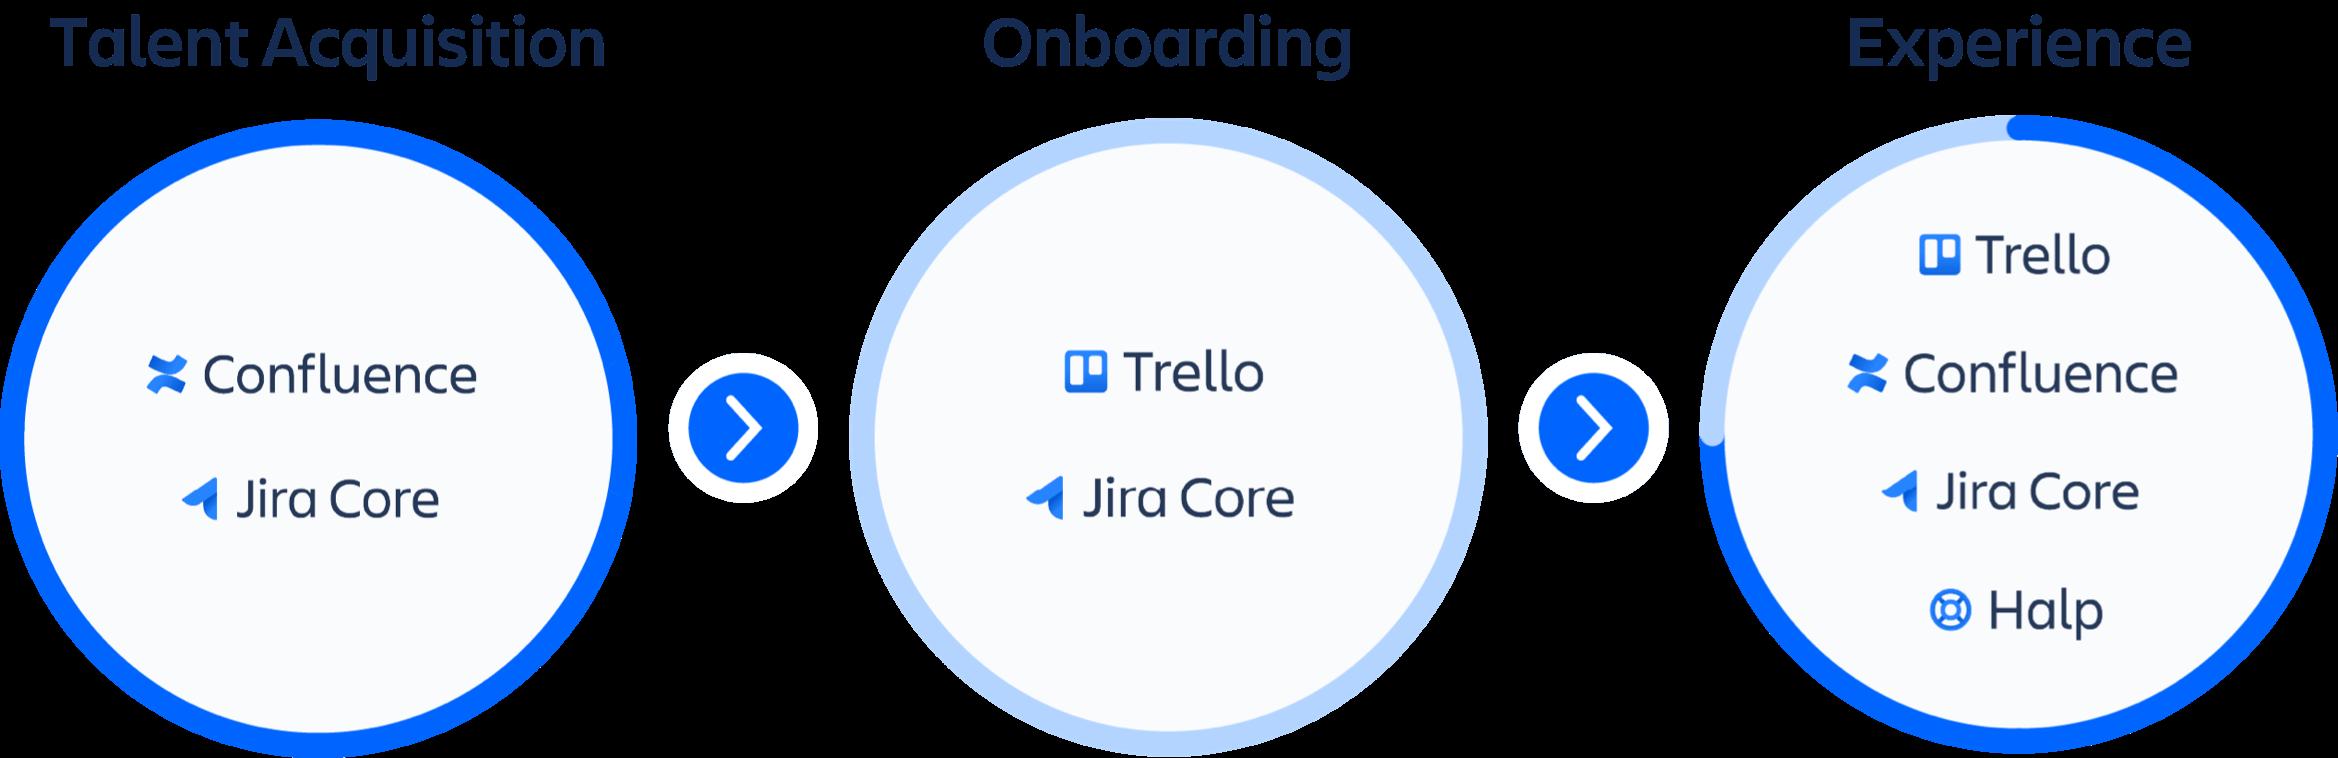 Imagem de produtos de aquisição de talentos: Confluence e Jira Core com produtos de integração: Trello e Jira Core